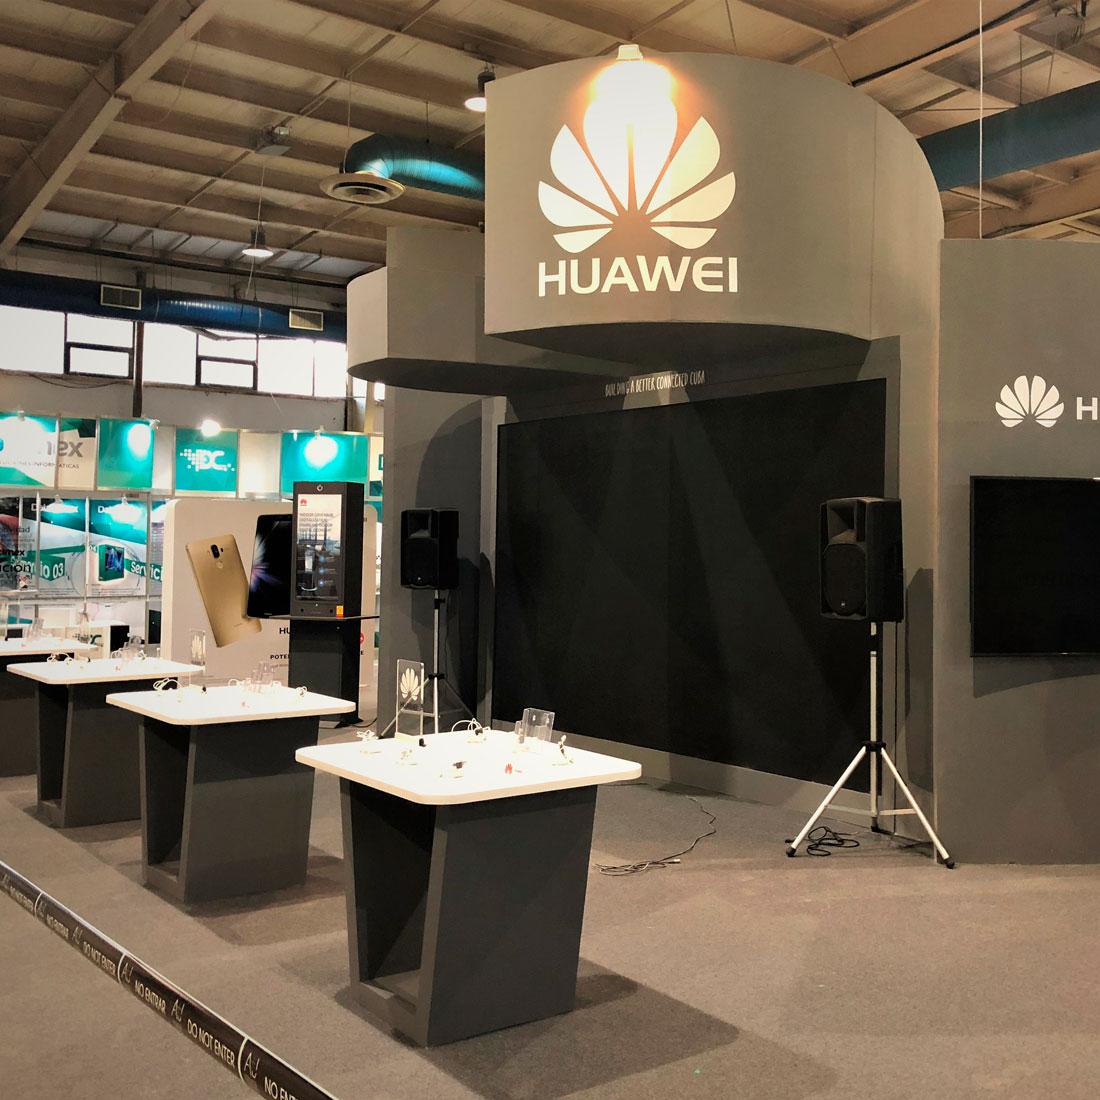 Stand para empresa de telefonía Huawey, diseño y montaje